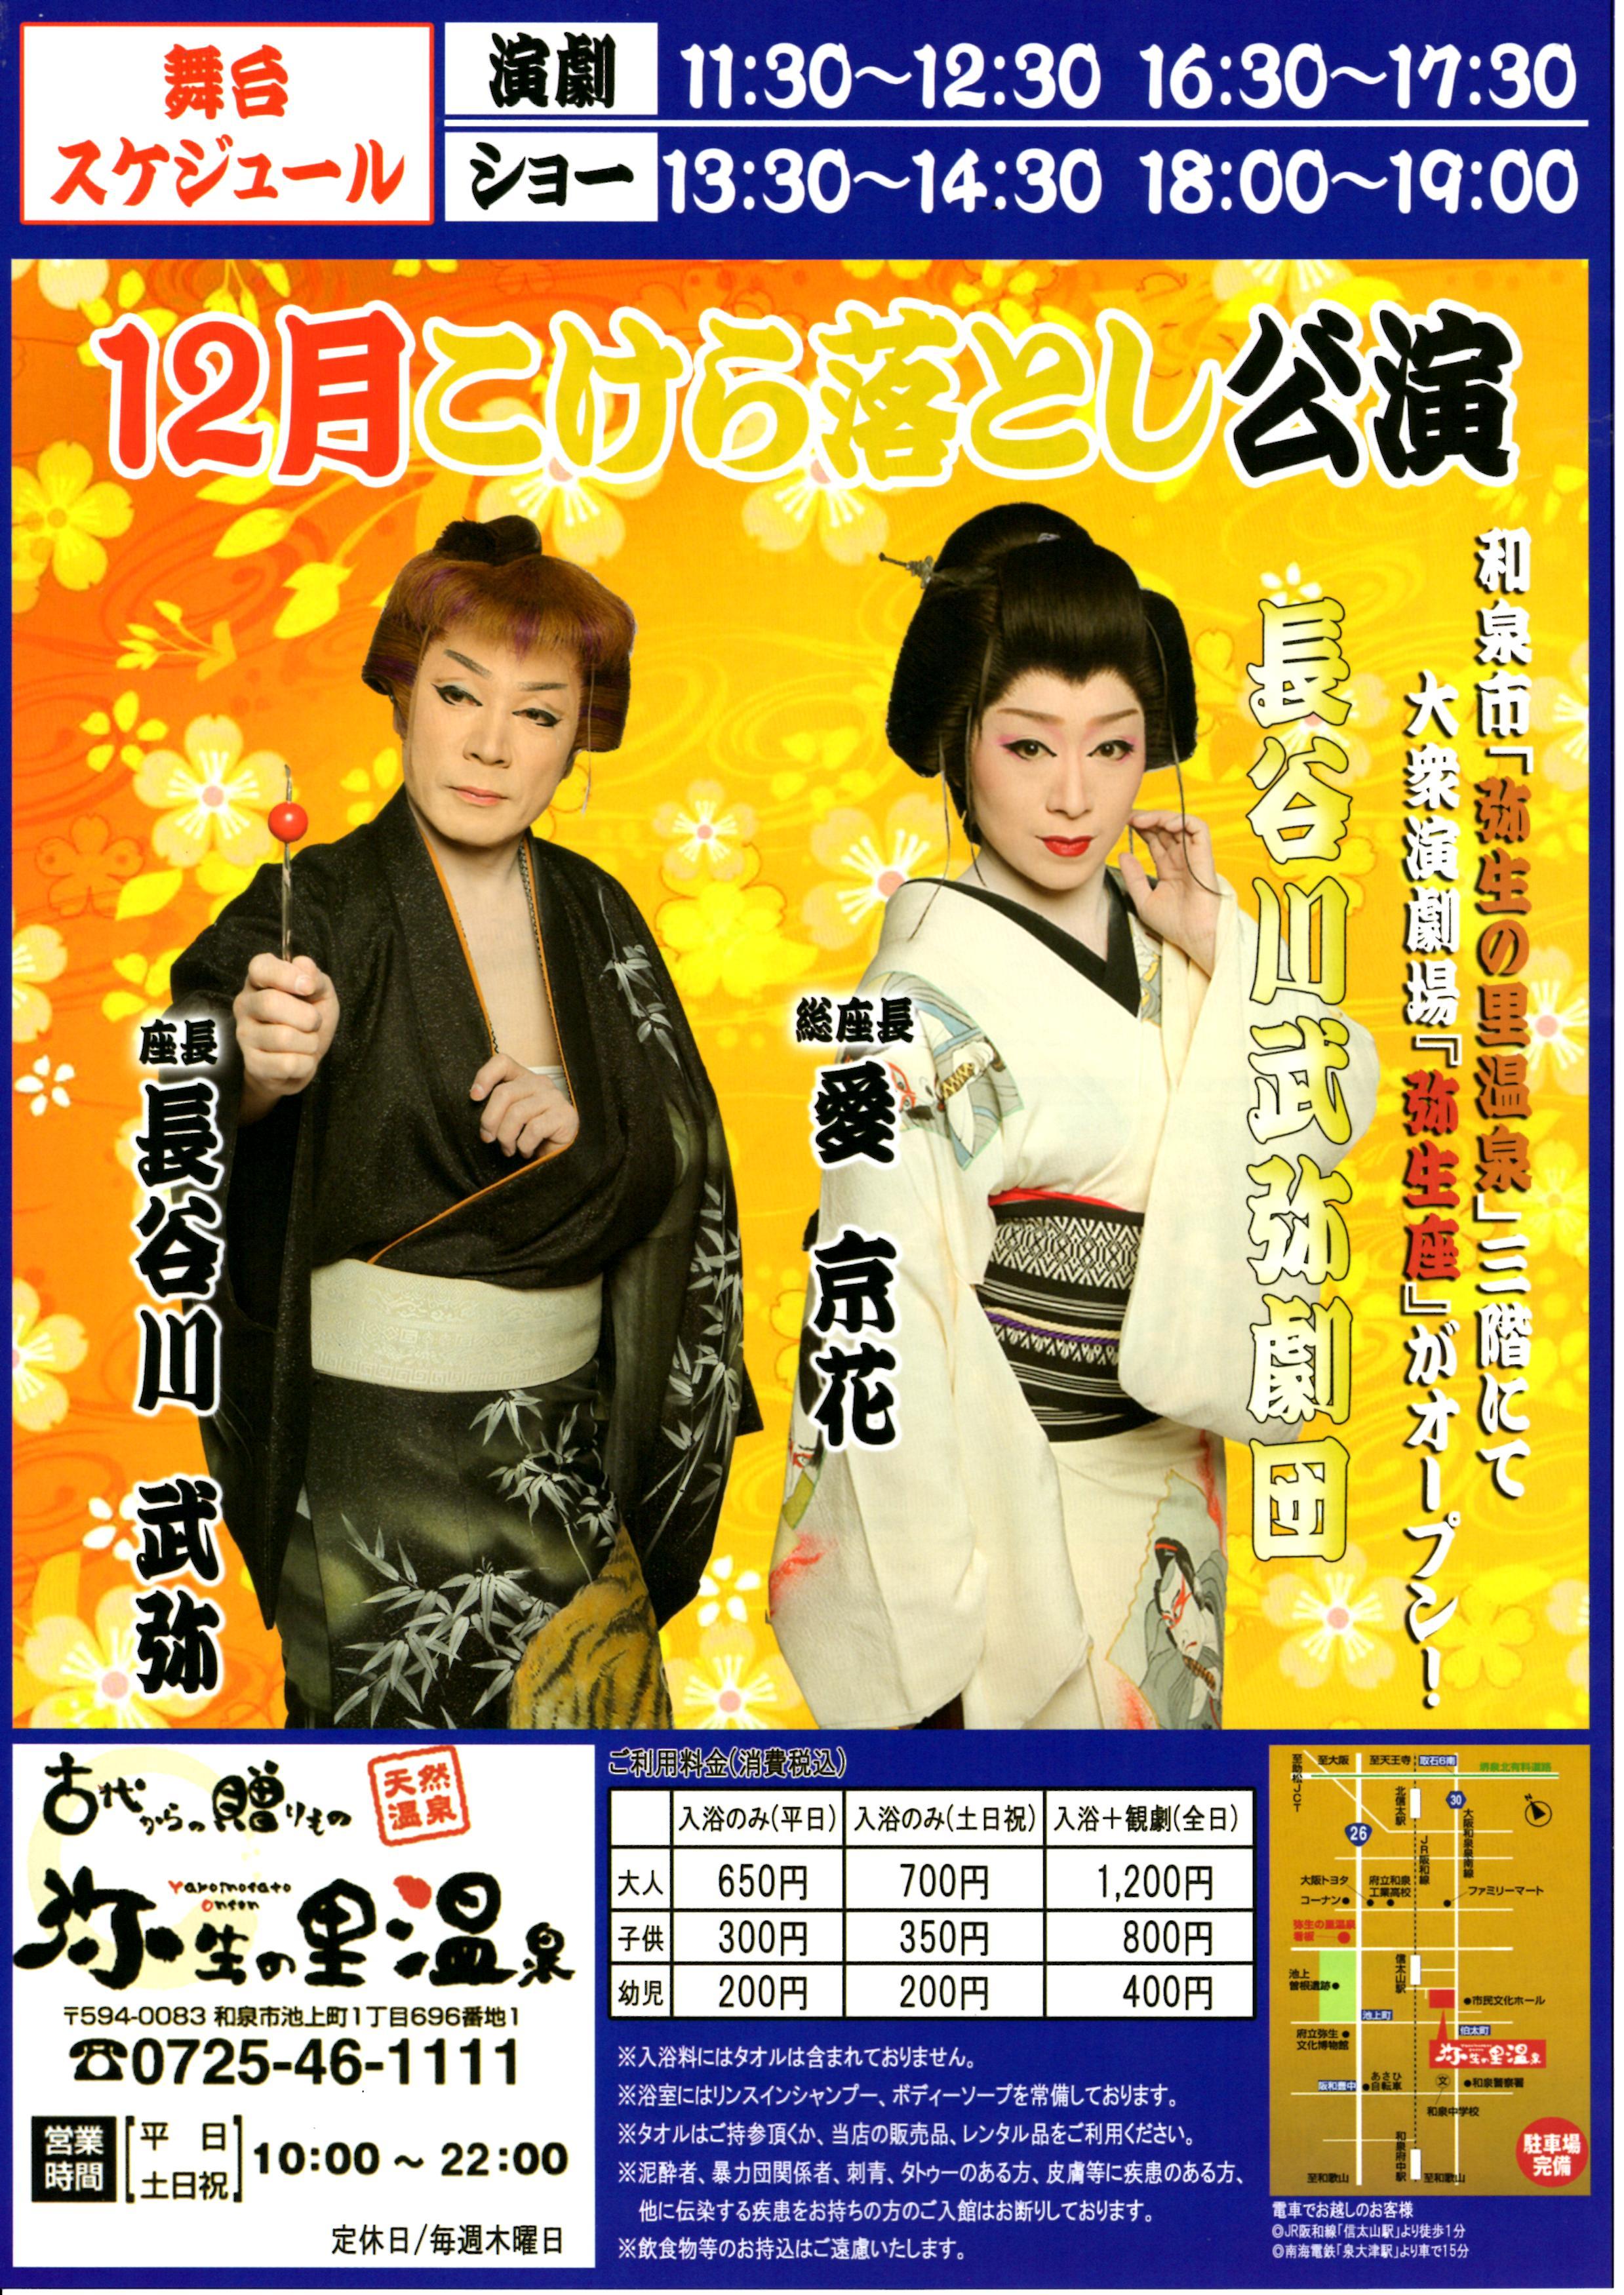 弥生の里温泉に大衆演劇場「弥生座」がOPEN!!